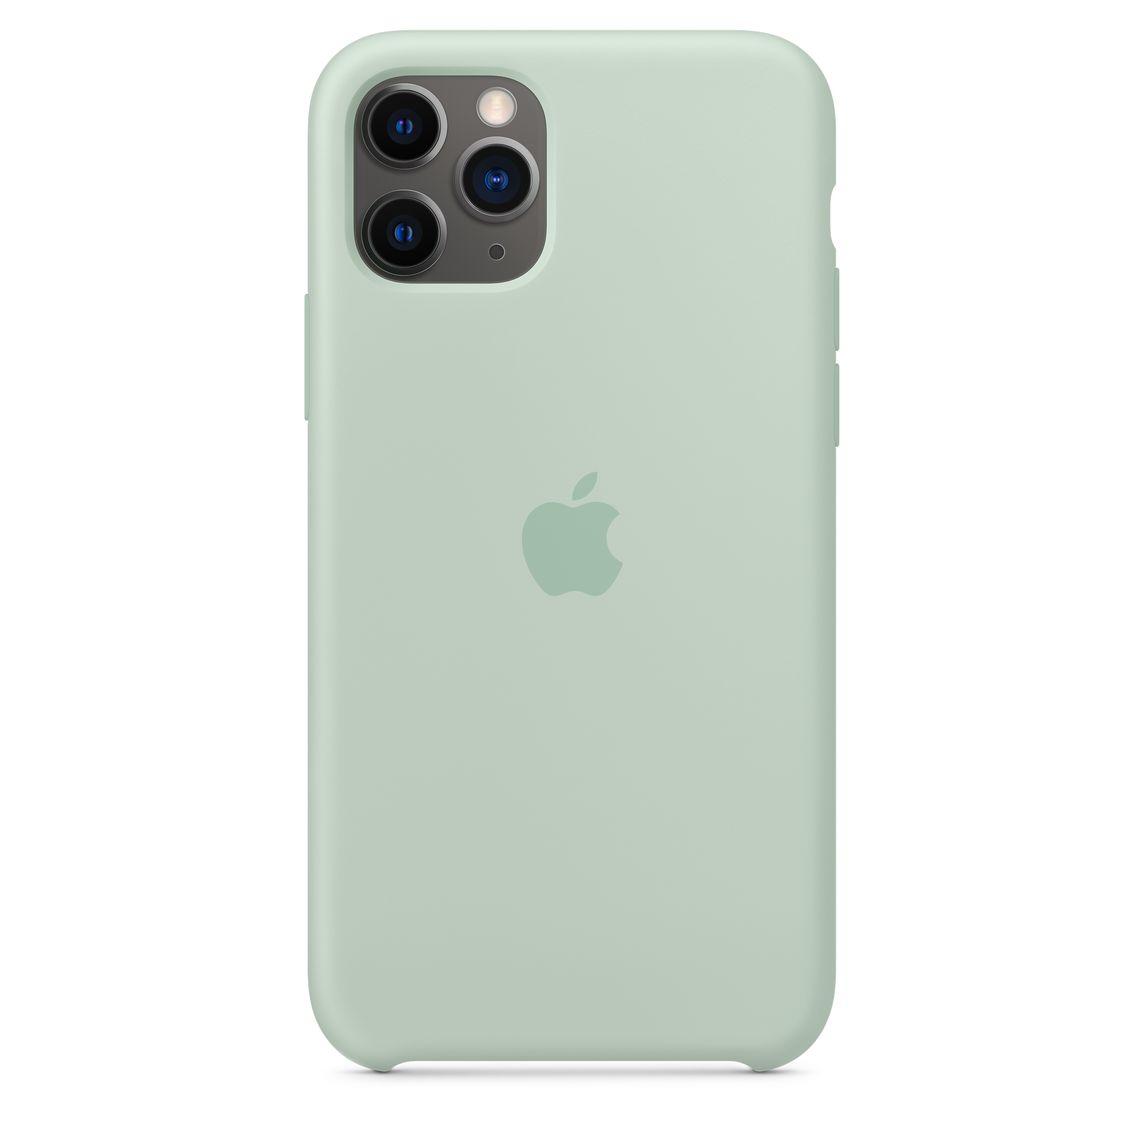 Étui en silicone pour iPhone 11 Pro - Aigue-marine